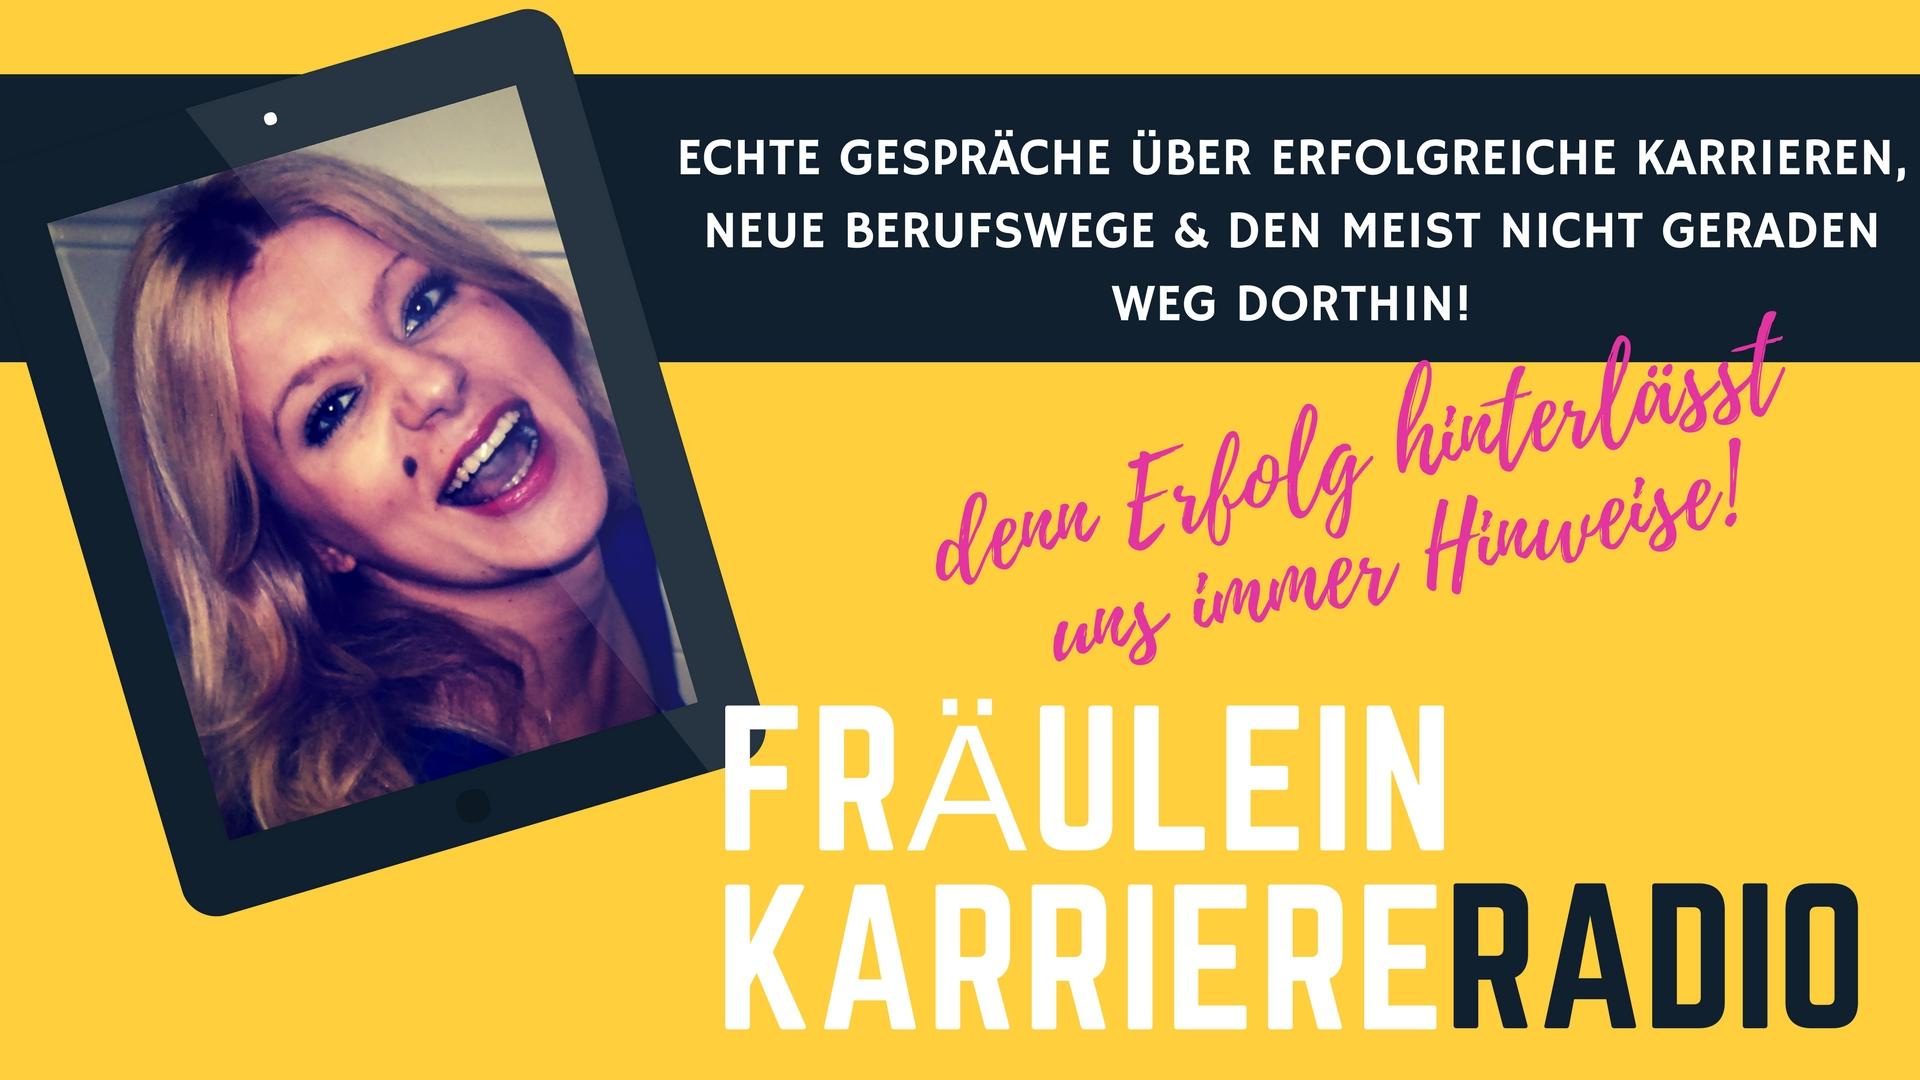 Fraulein Karriere Radio #podcast - Der Podcast, der Dir zeigt was beruflich alles noch möglich ist!